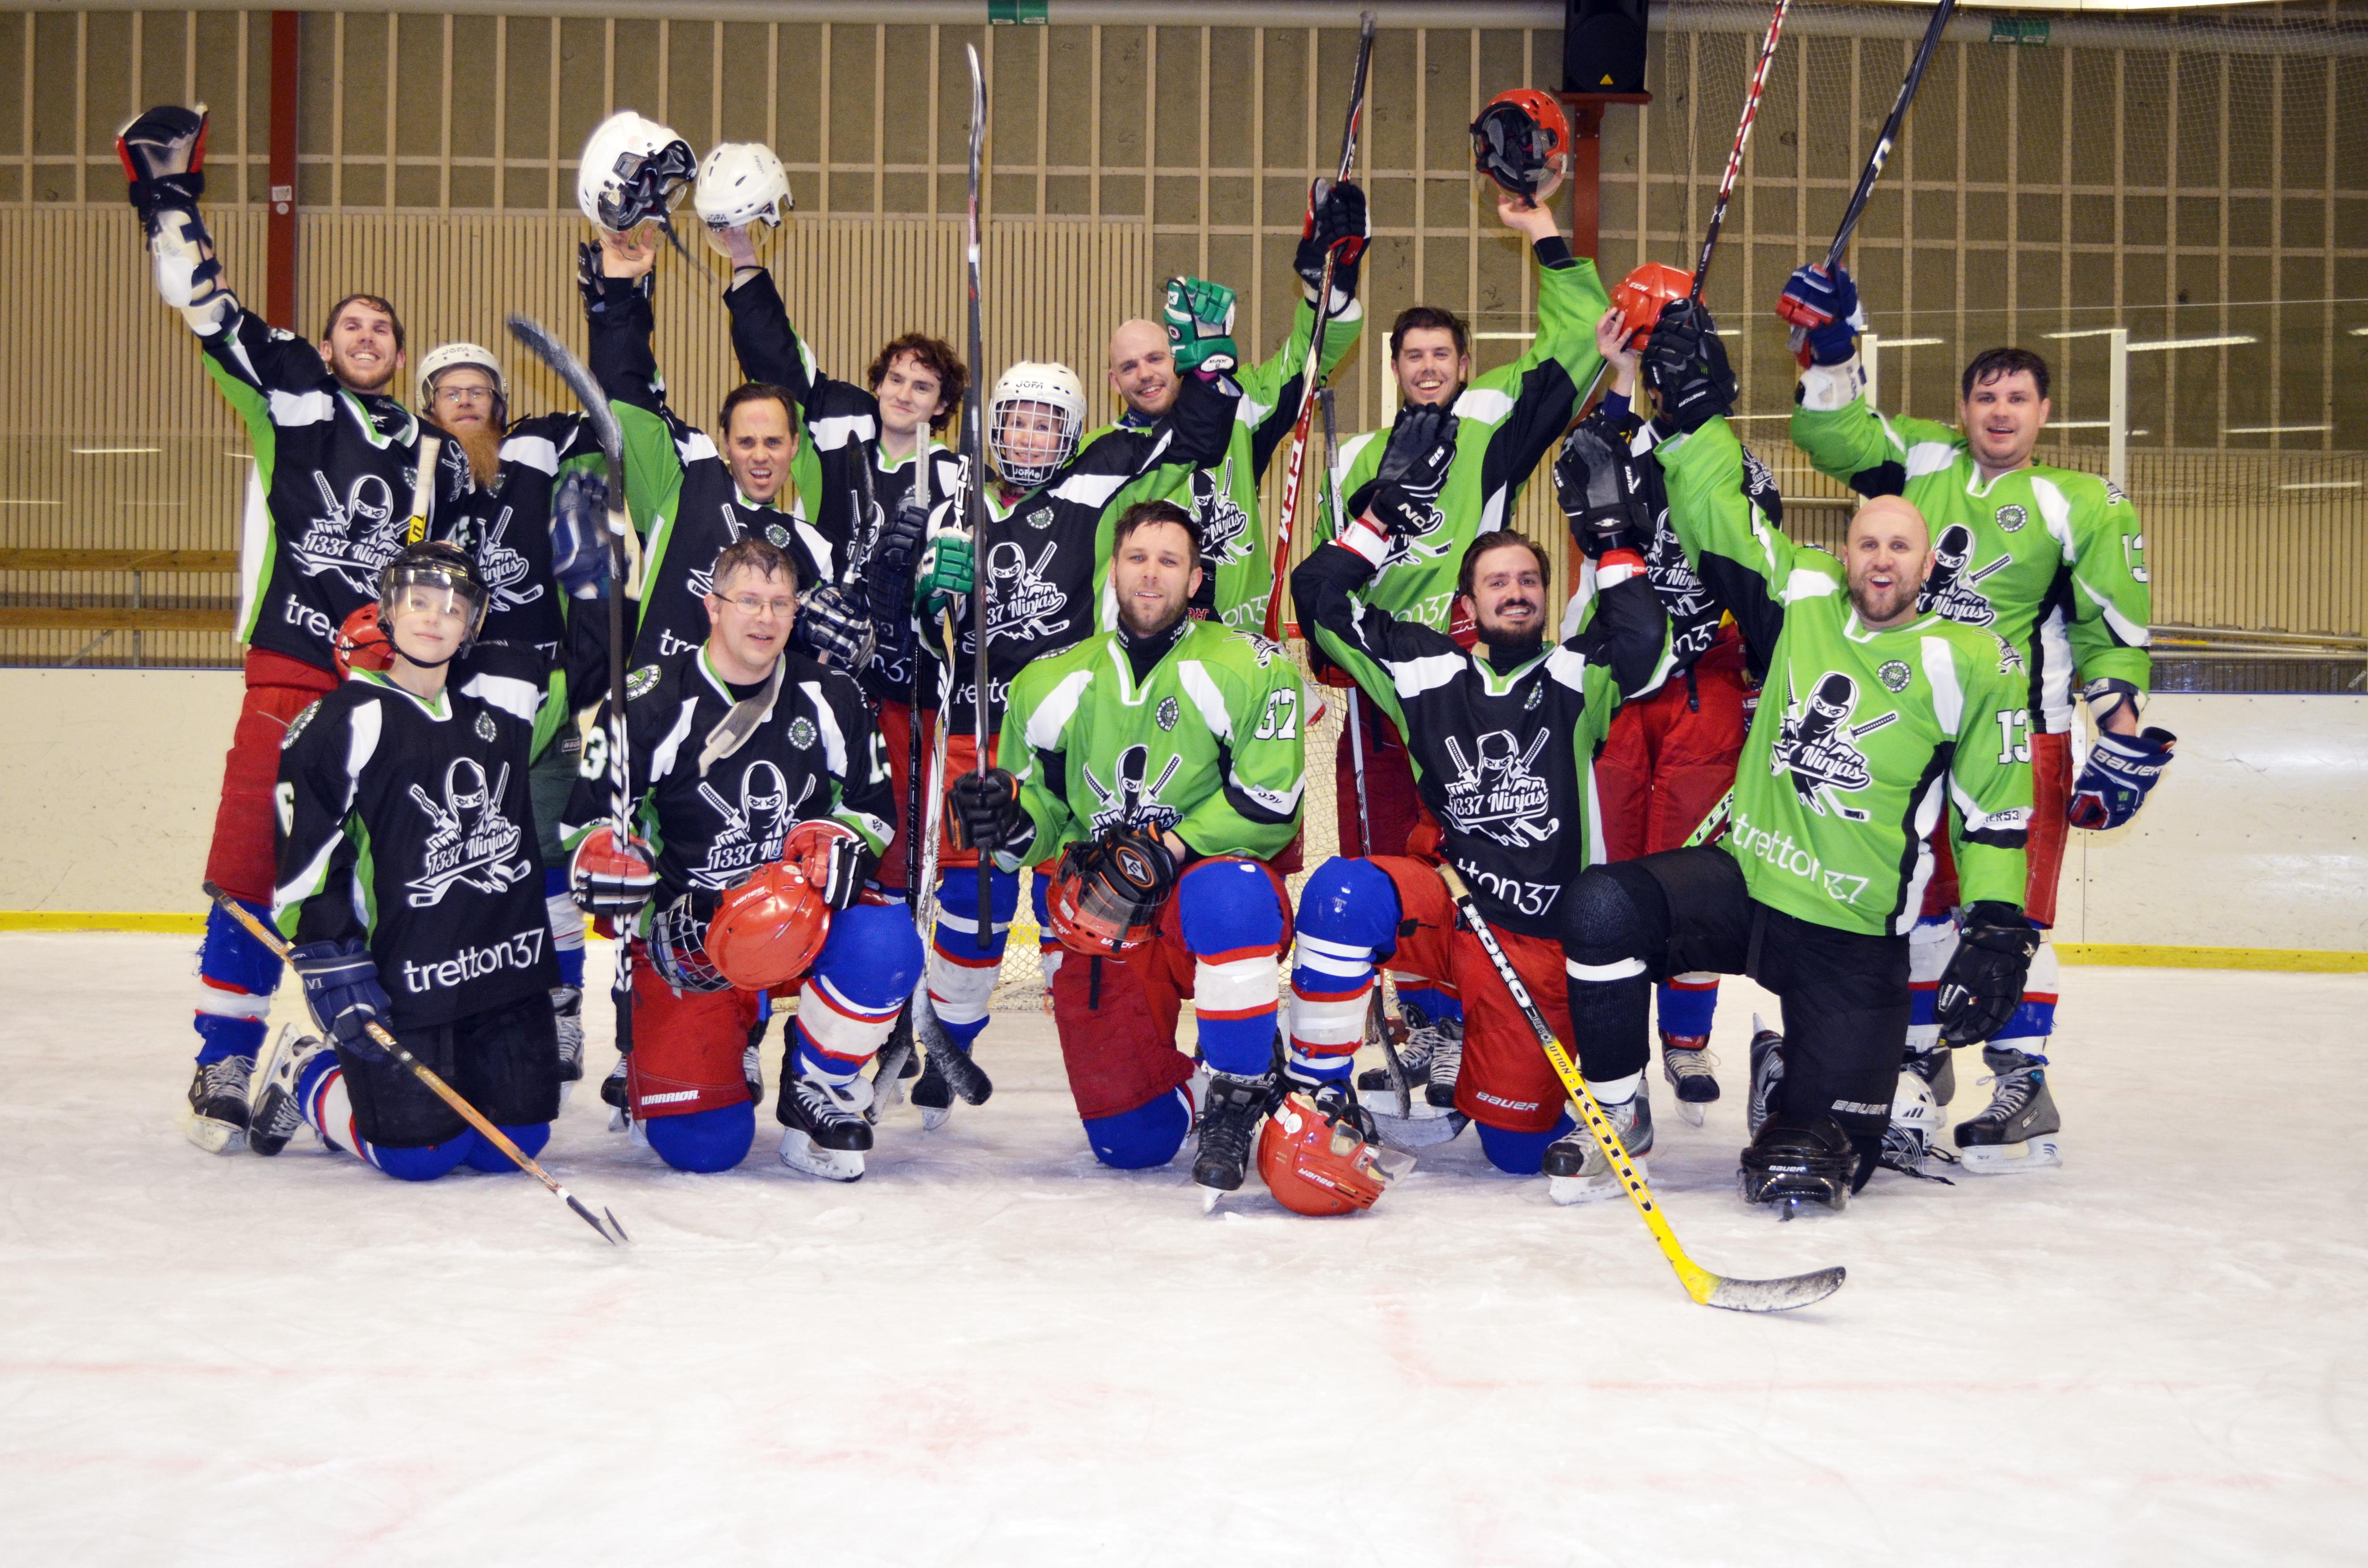 tretton37 hyr utrustning och provar hockey